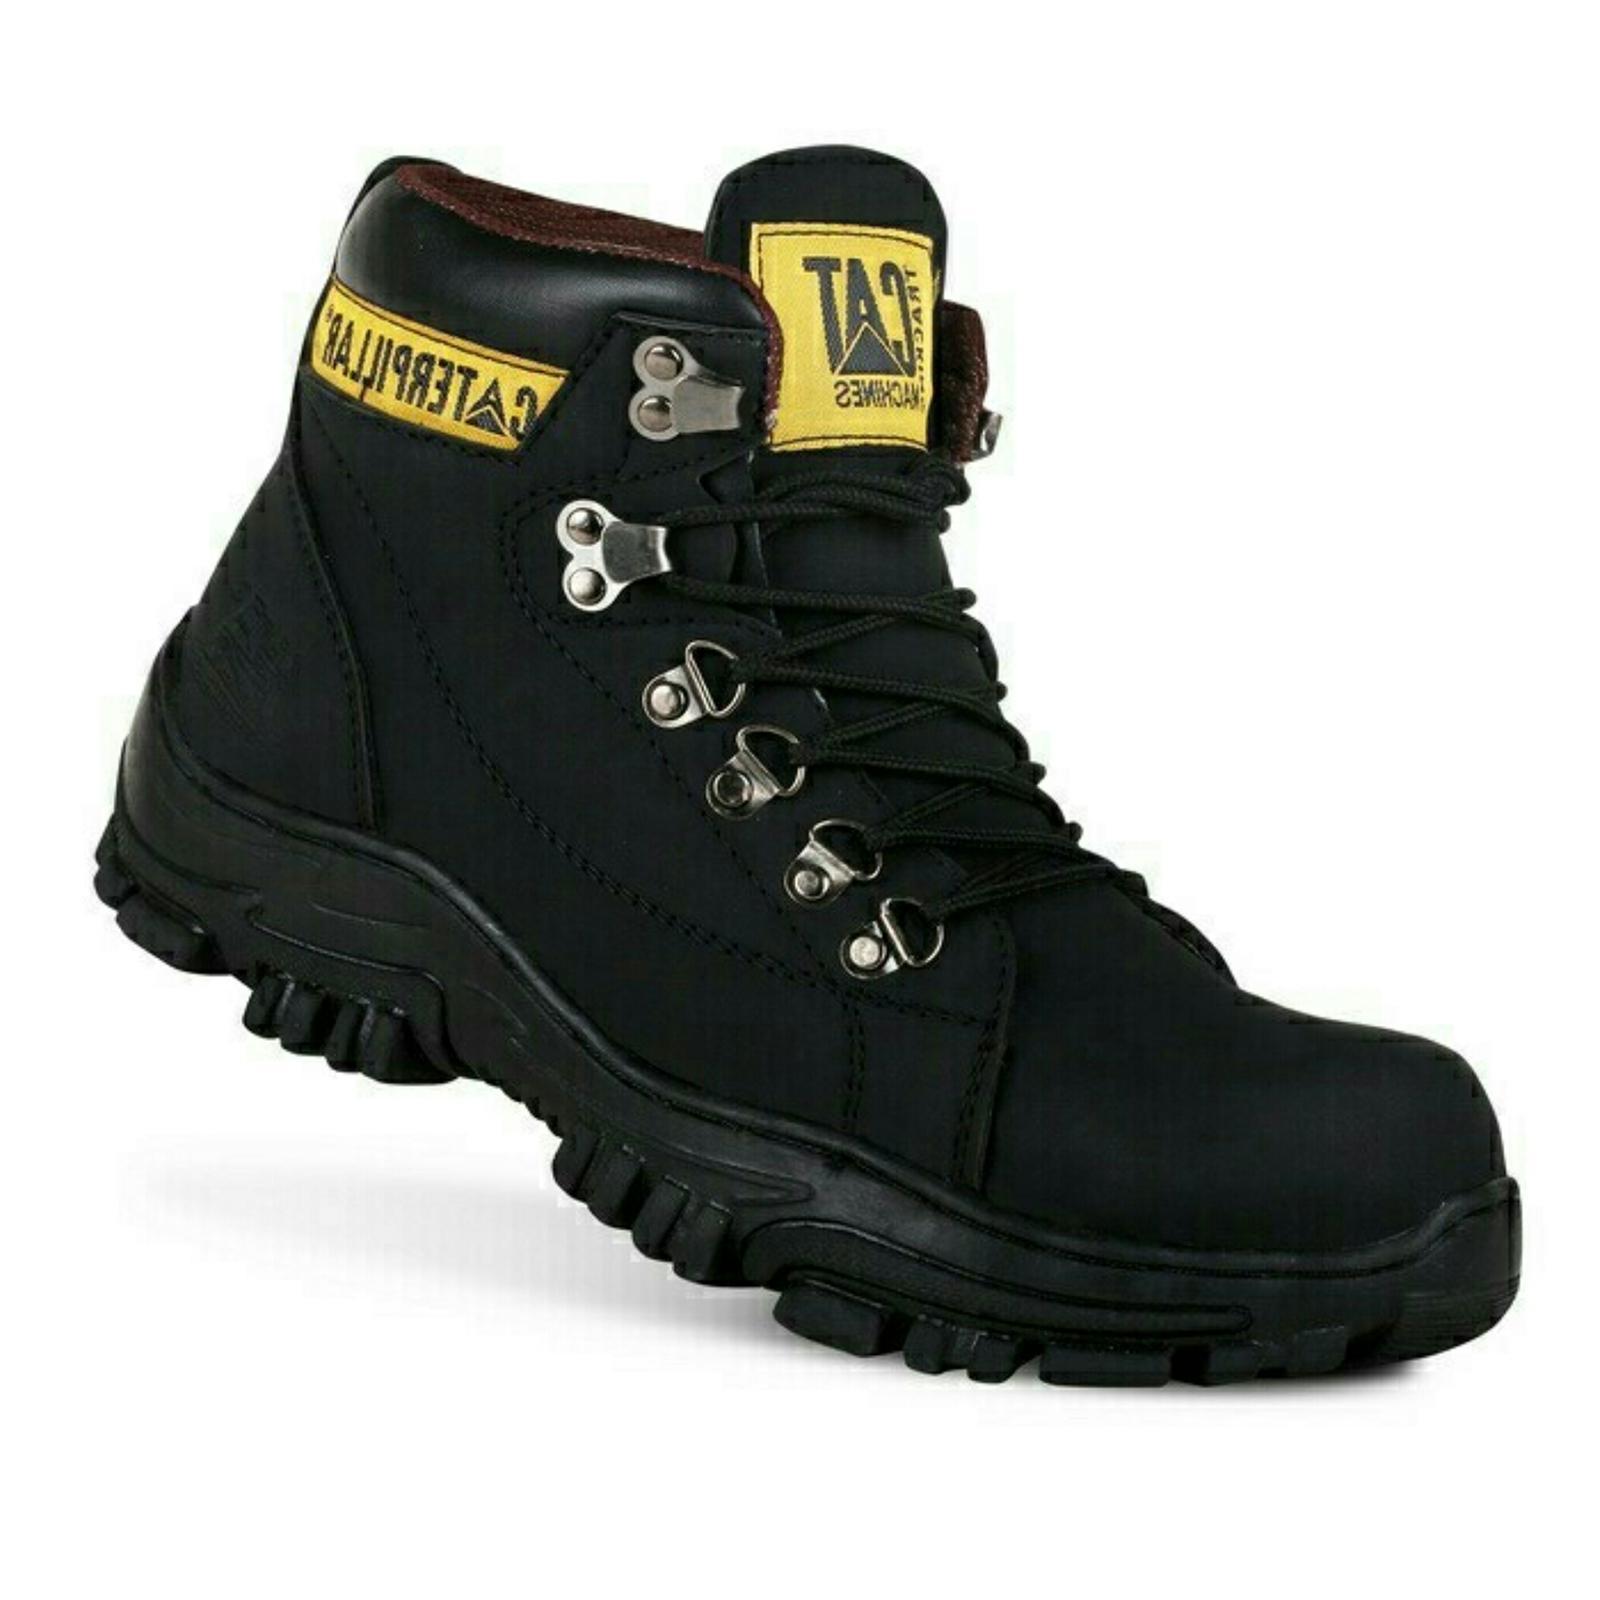 Sepatu Boots Pria Safety Caterpillar Hydraulic Ujung Besi Murah 93dfc7fac9